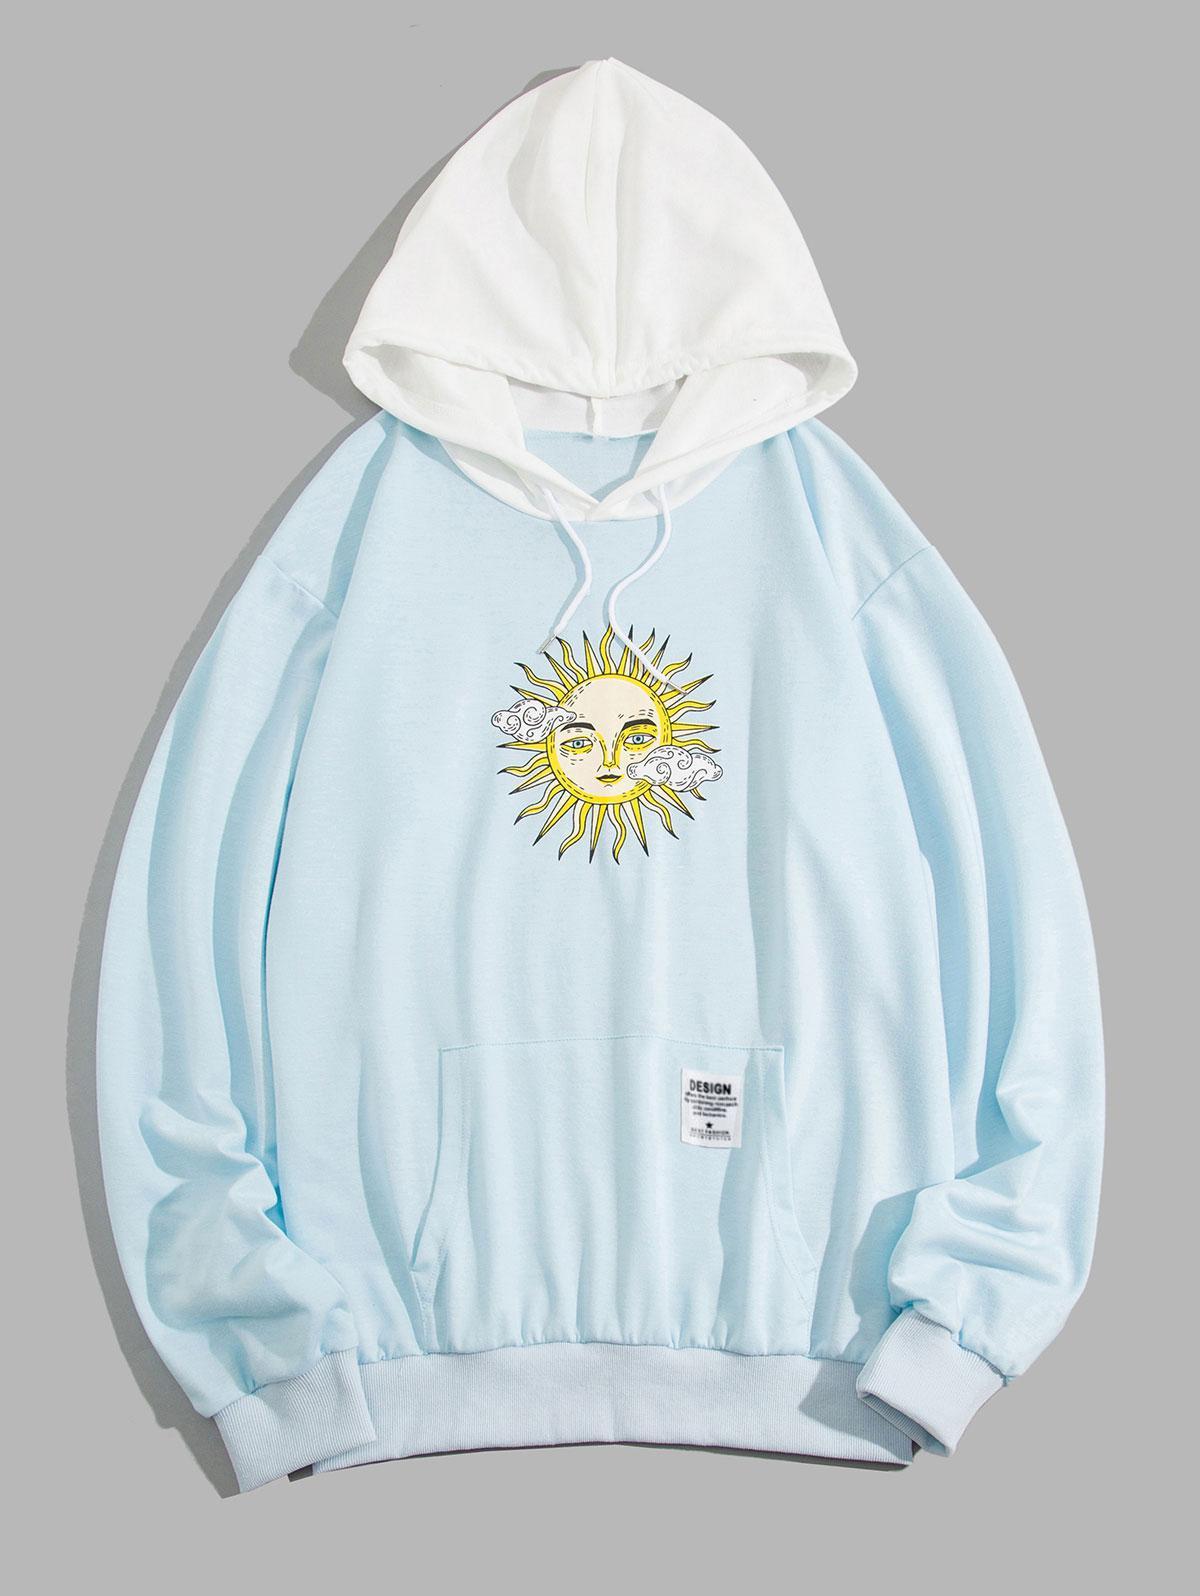 ZAFUL Celestial Sun Print Colorblock Hoodie, Light blue